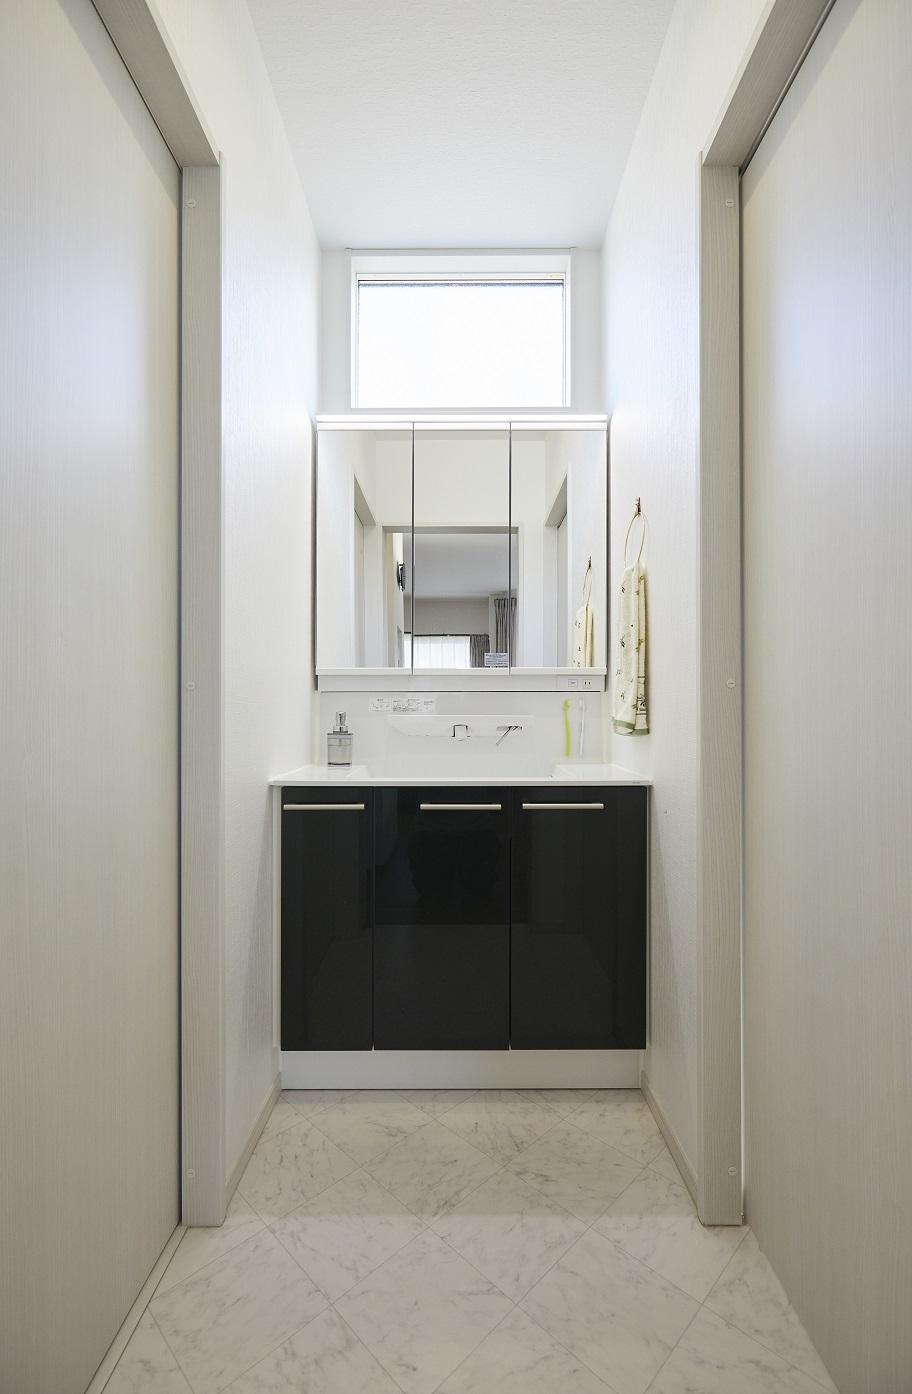 洗面室と脱衣所を分けたプライバシー面に配慮した間取り。特に水回りは清潔感溢れる明るいクッションフロアと、耐水のクロスにこだわりました。